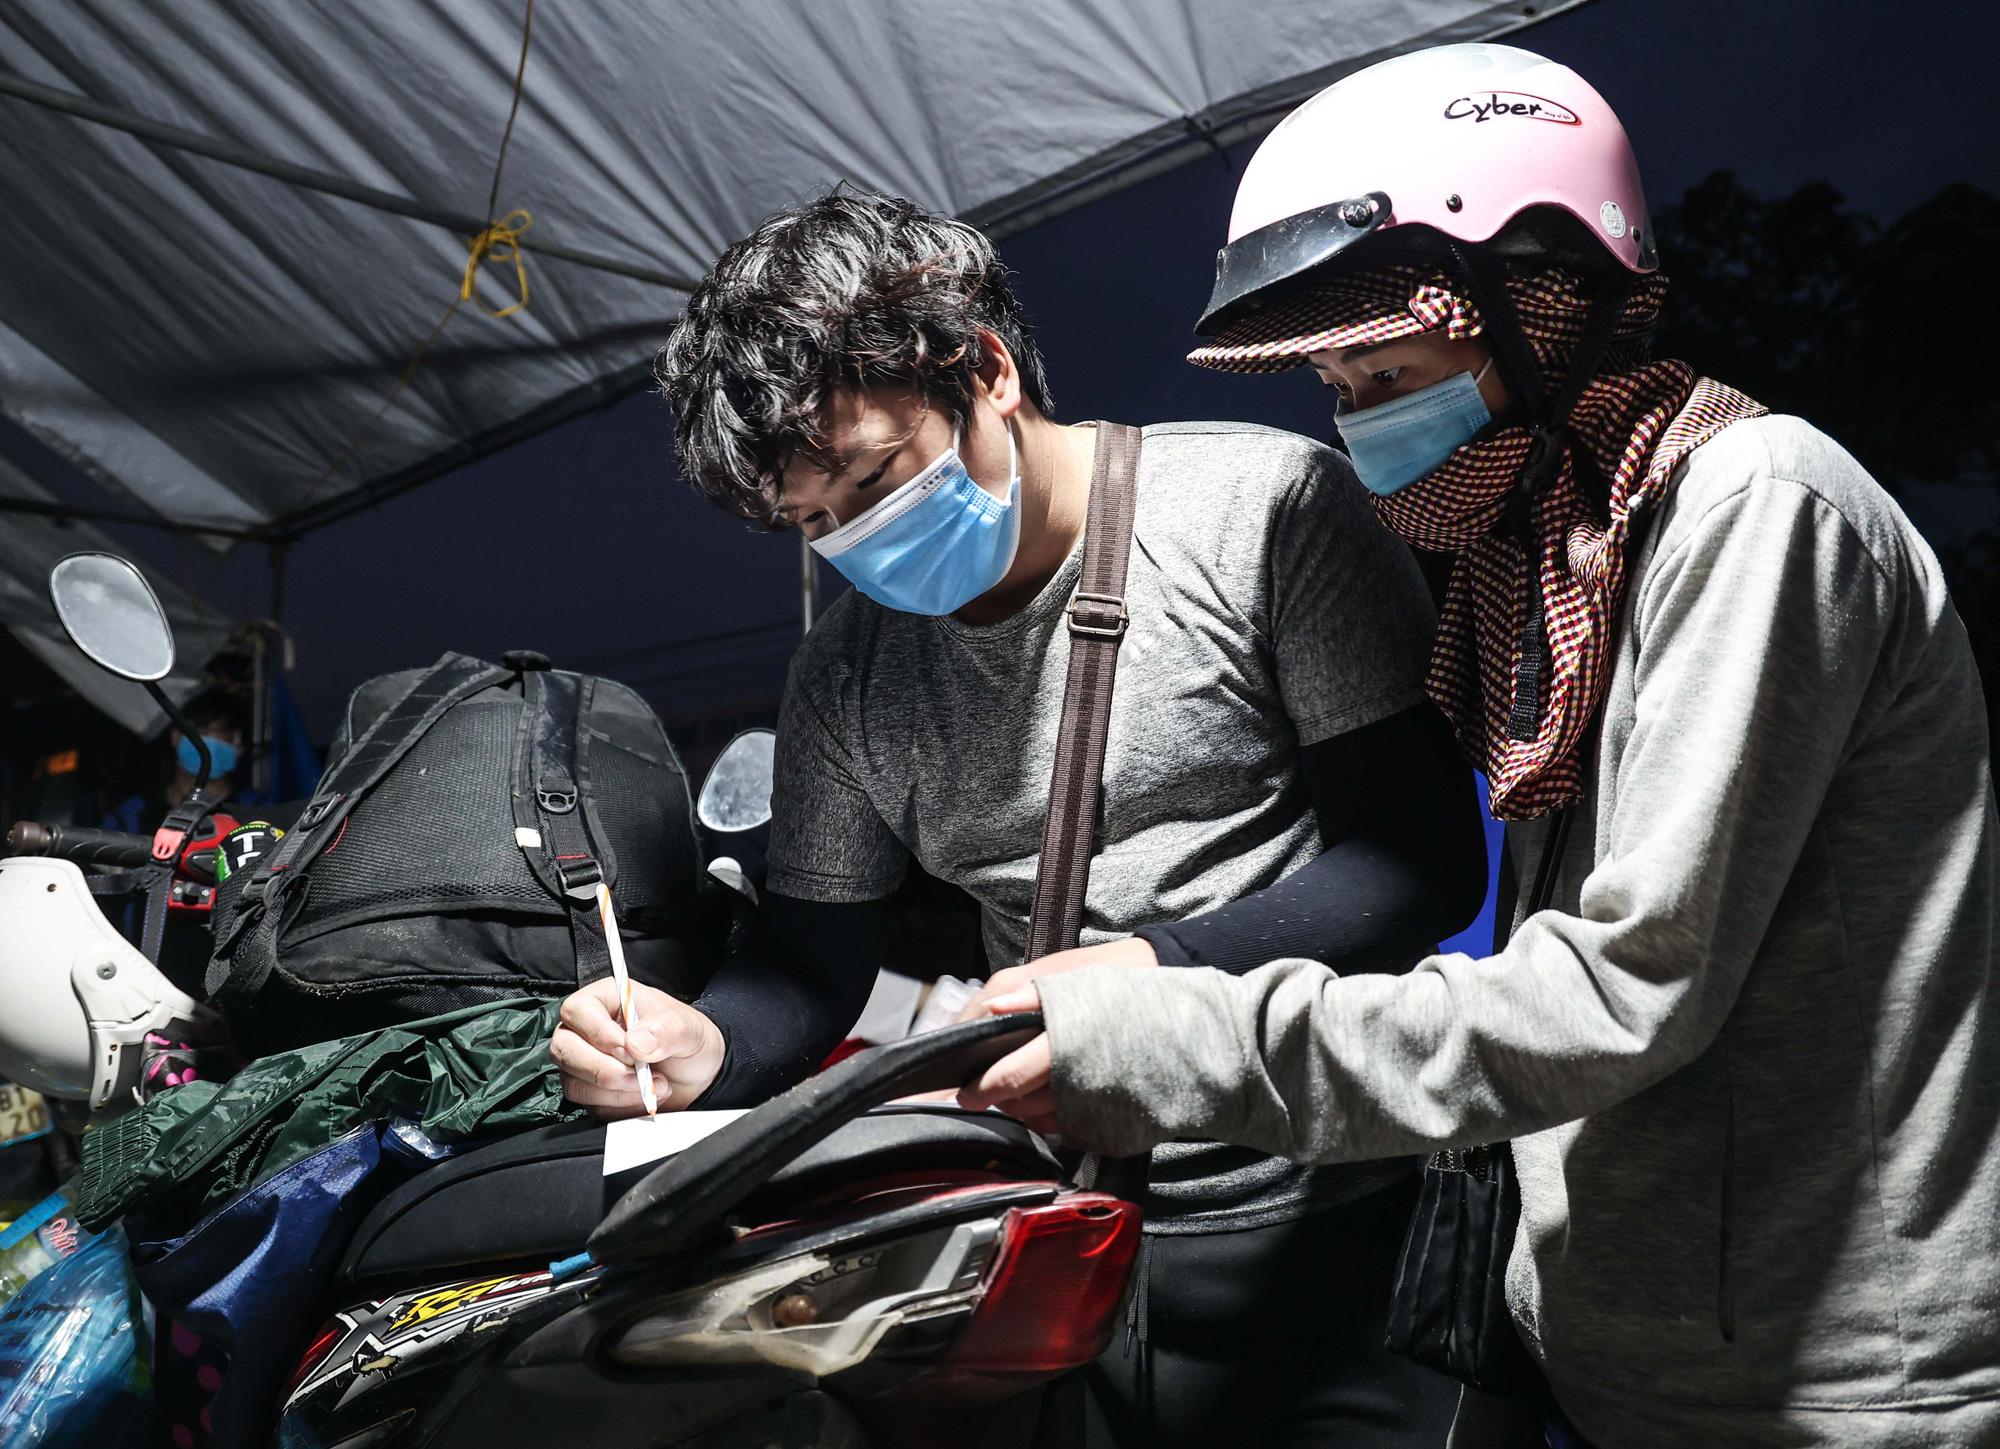 CLIP: Hàng trăm người dân từ các tỉnh phía Nam ùn ùn qua cửa ngõ Hà Nội về quê - Ảnh 4.